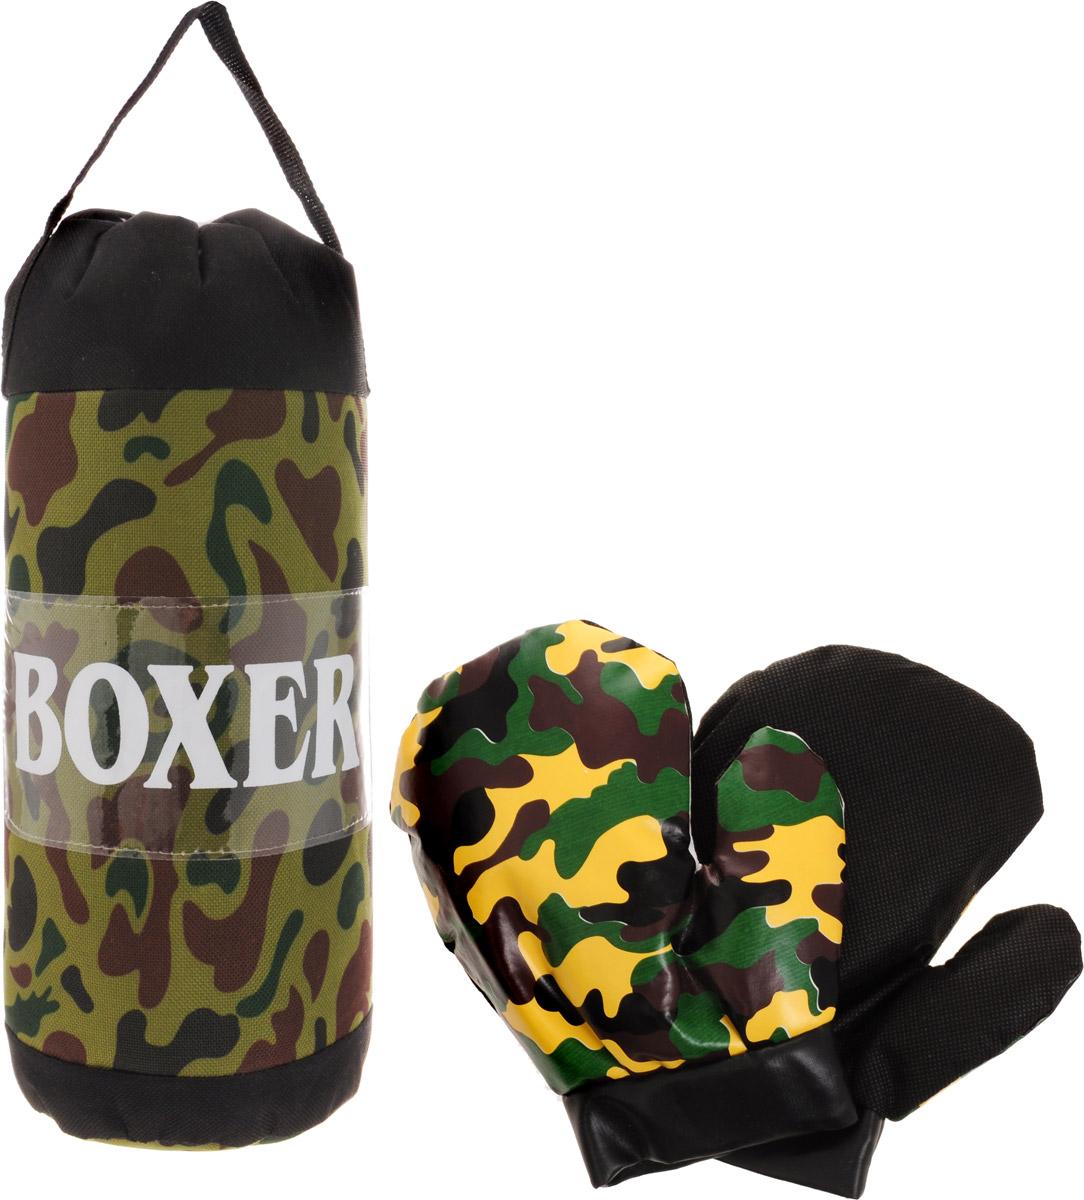 Junfa Toys Игровой набор Boxer цвет камуфляж игровой набор playmates toys патрульные багги леонардо и донателло